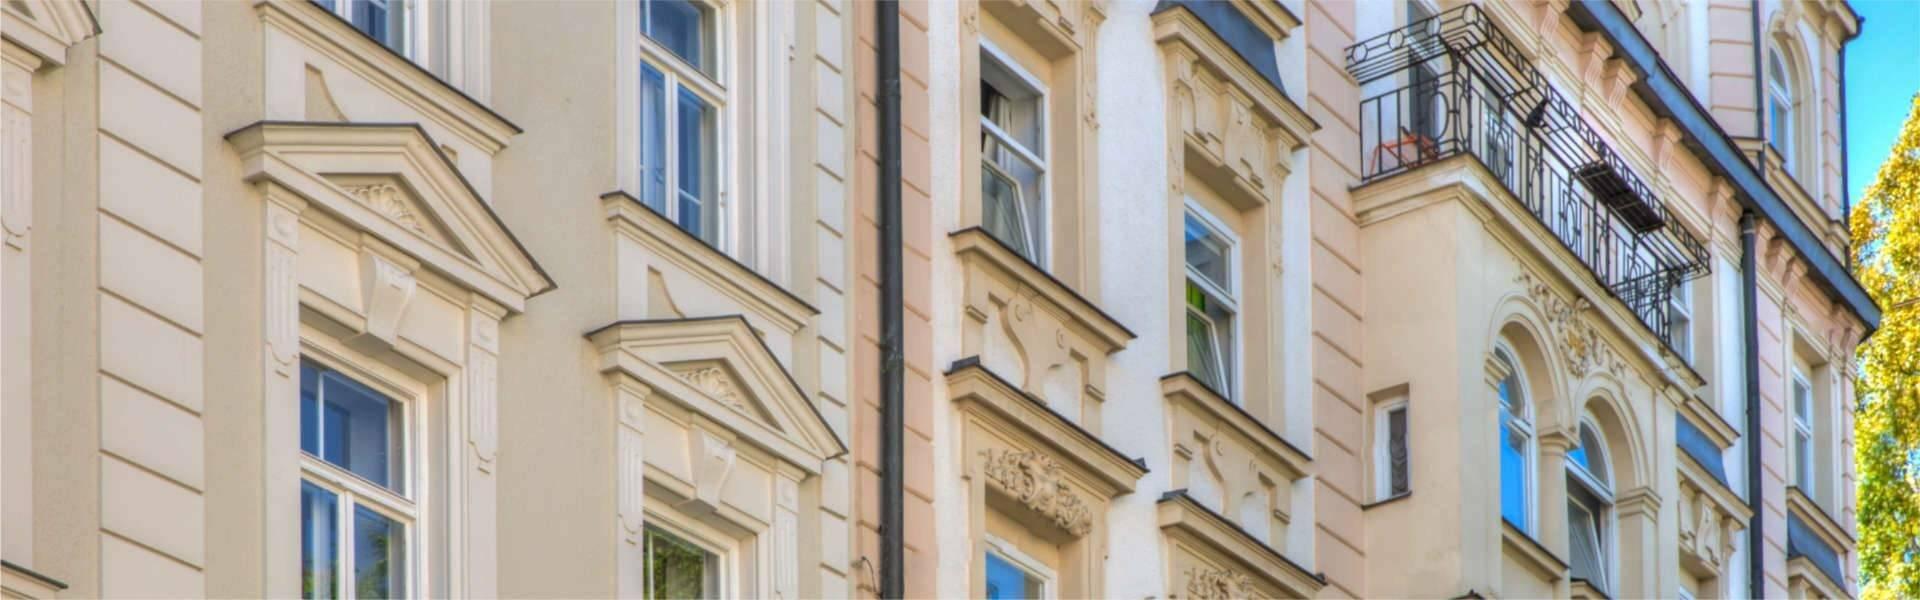 Off-Market Immobilien München